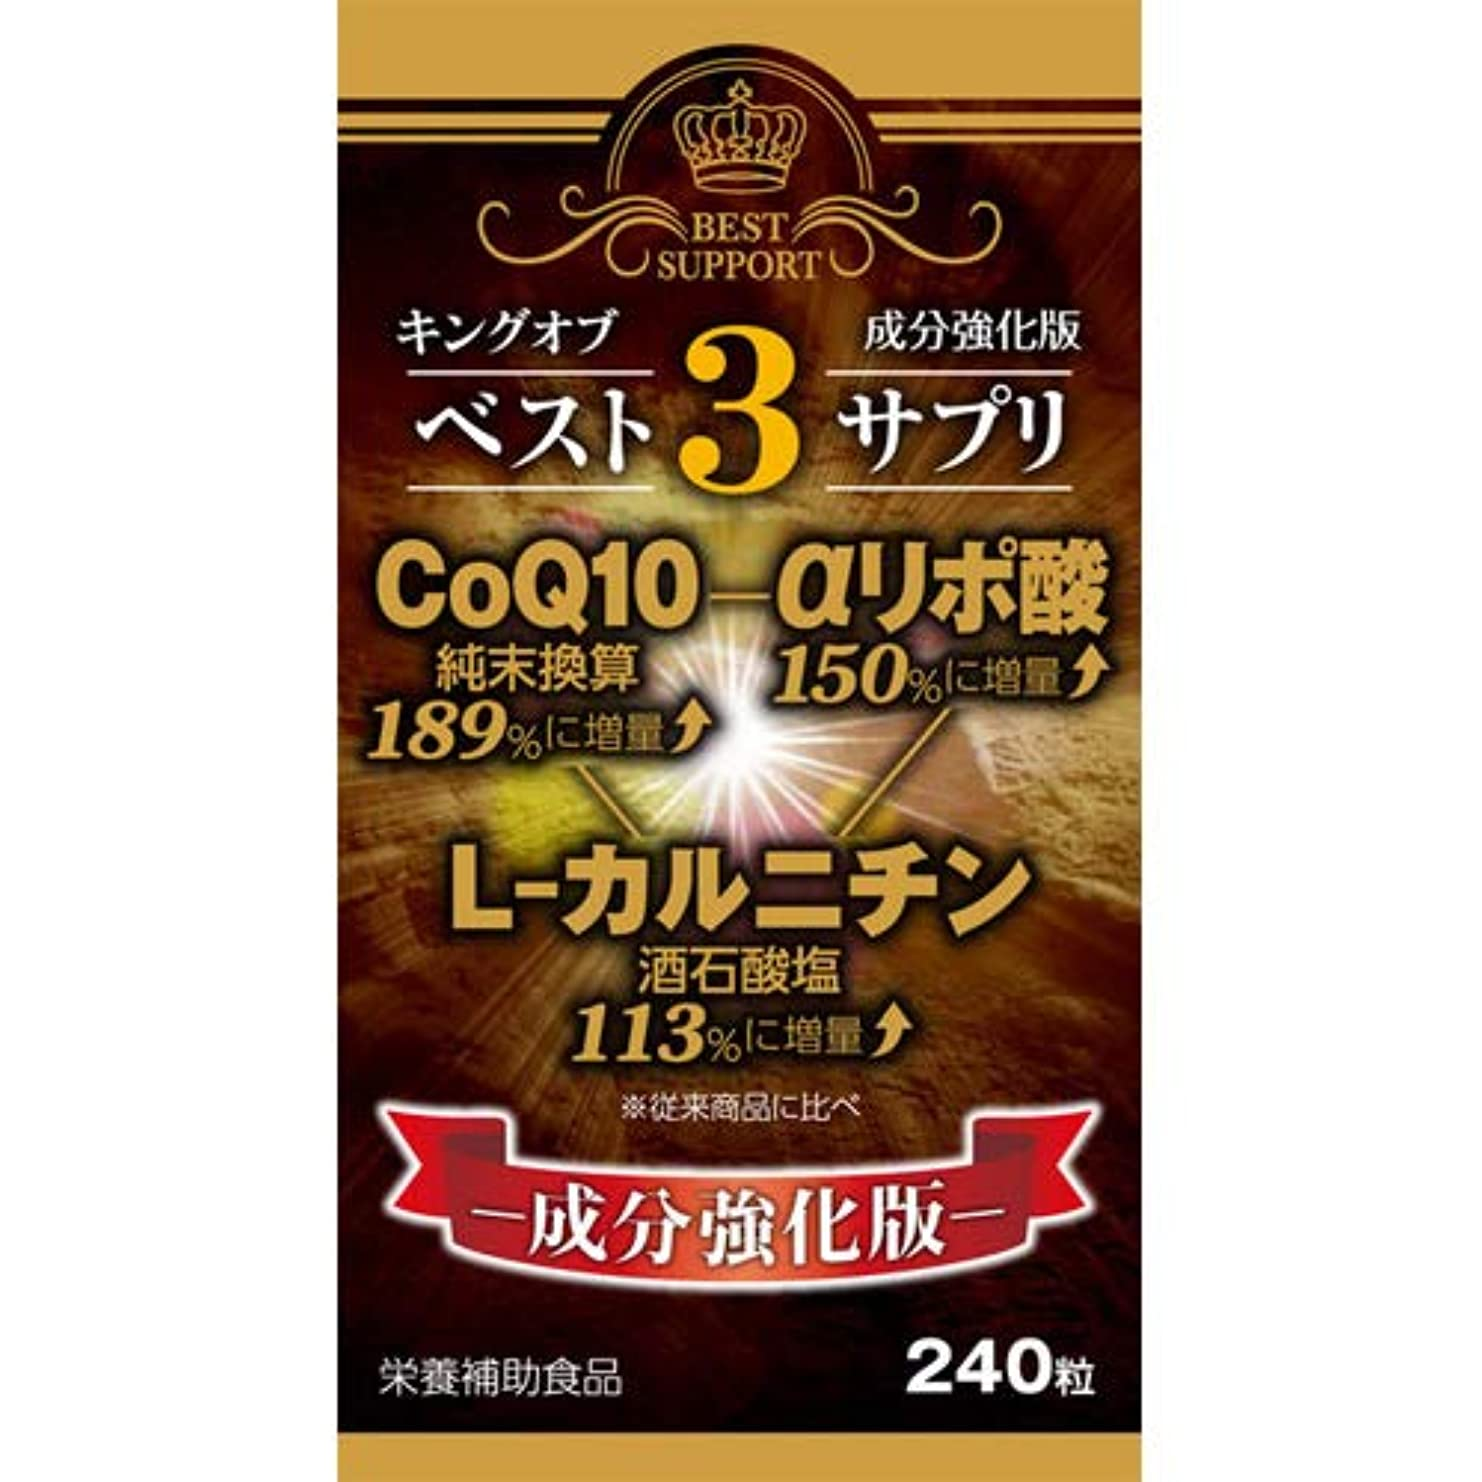 認知サドルコテージ【ウエルネスジャパン】キングオブベスト3サプリ 240粒 ×5個セット